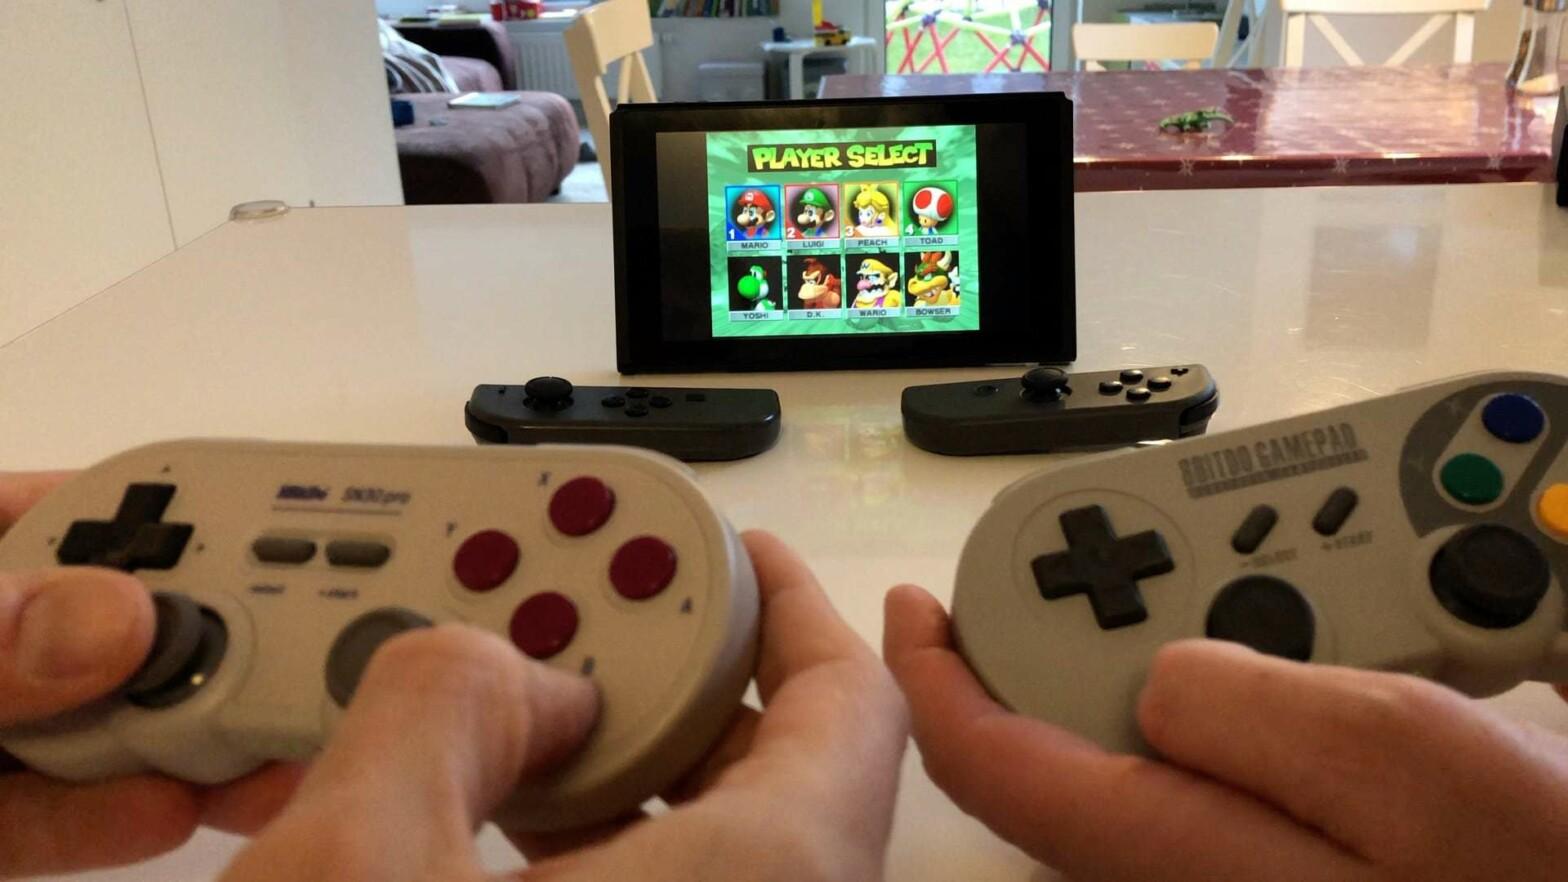 Retroarch erlaubt 5 Spieler mit abgetrennten Joycon und den 8Bitdo SF30 Pro Controllern.